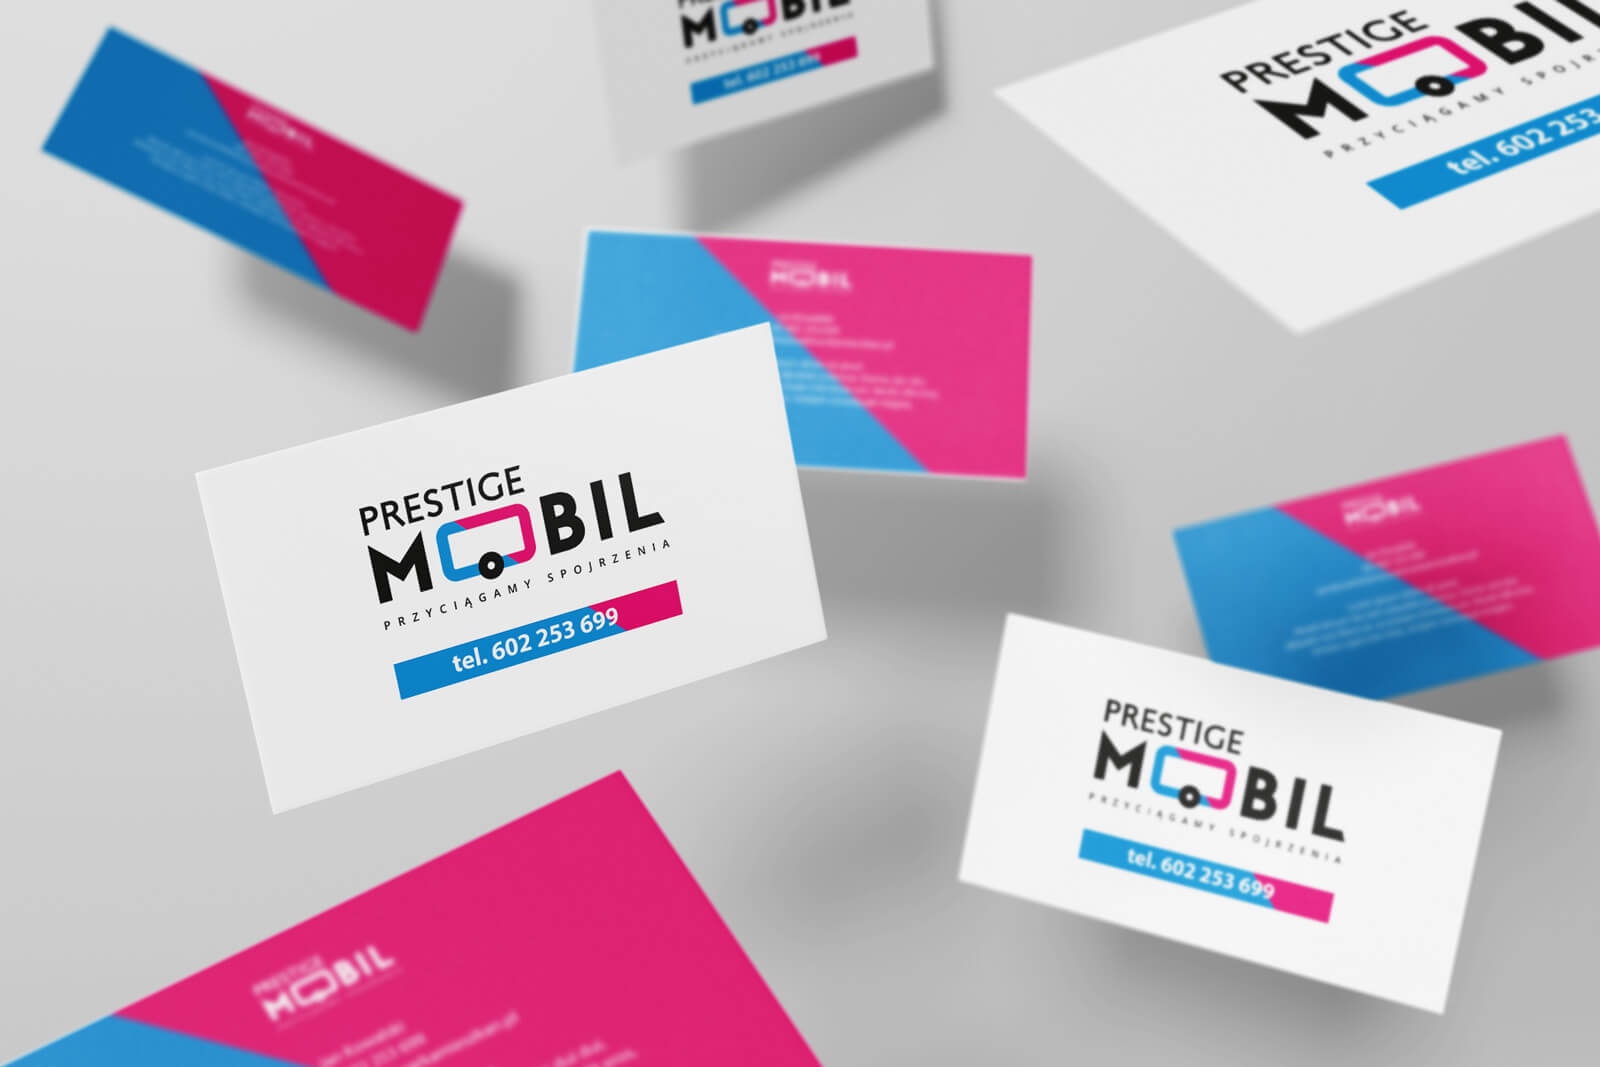 Prestige Mobil - wizytówka